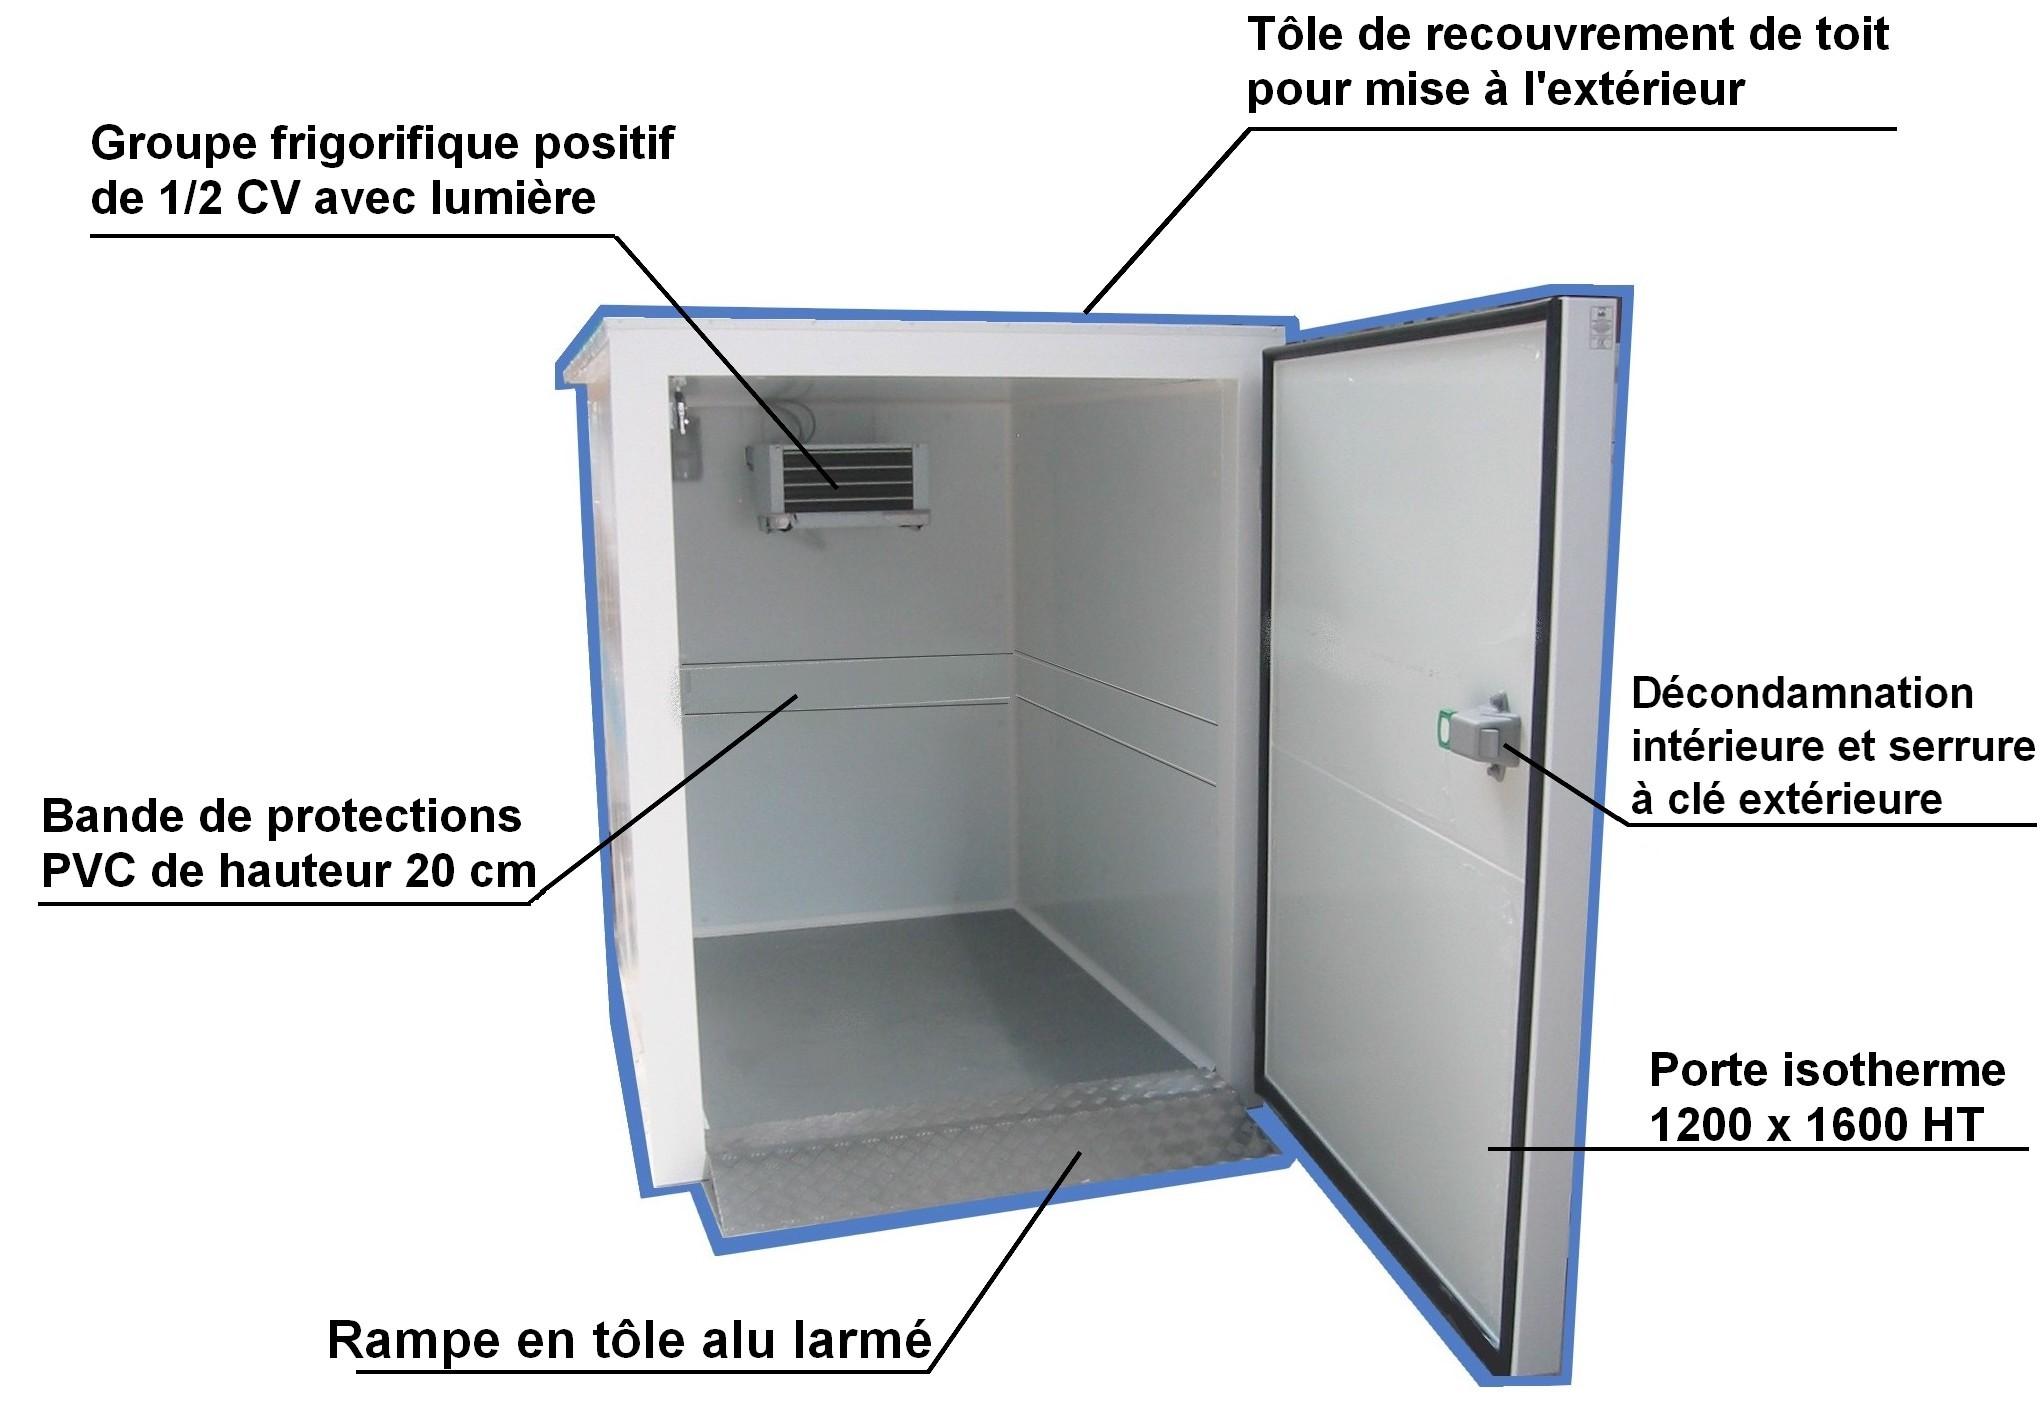 Chambre froide négative : pour bien conserver votre viande